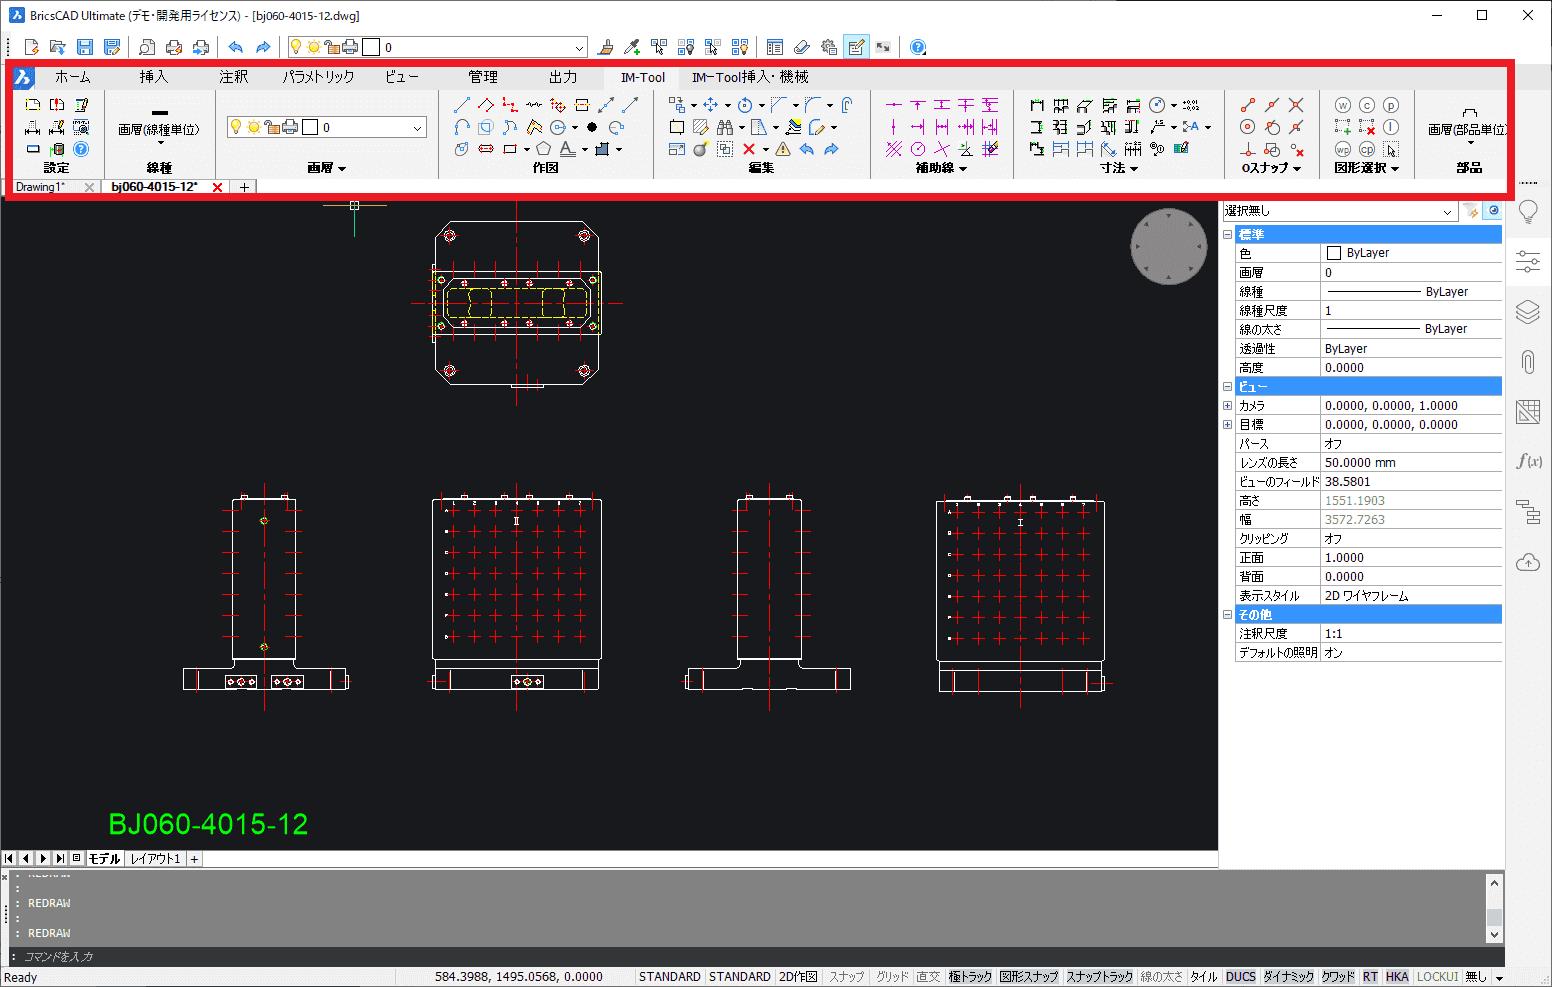 IM-Tool/BC